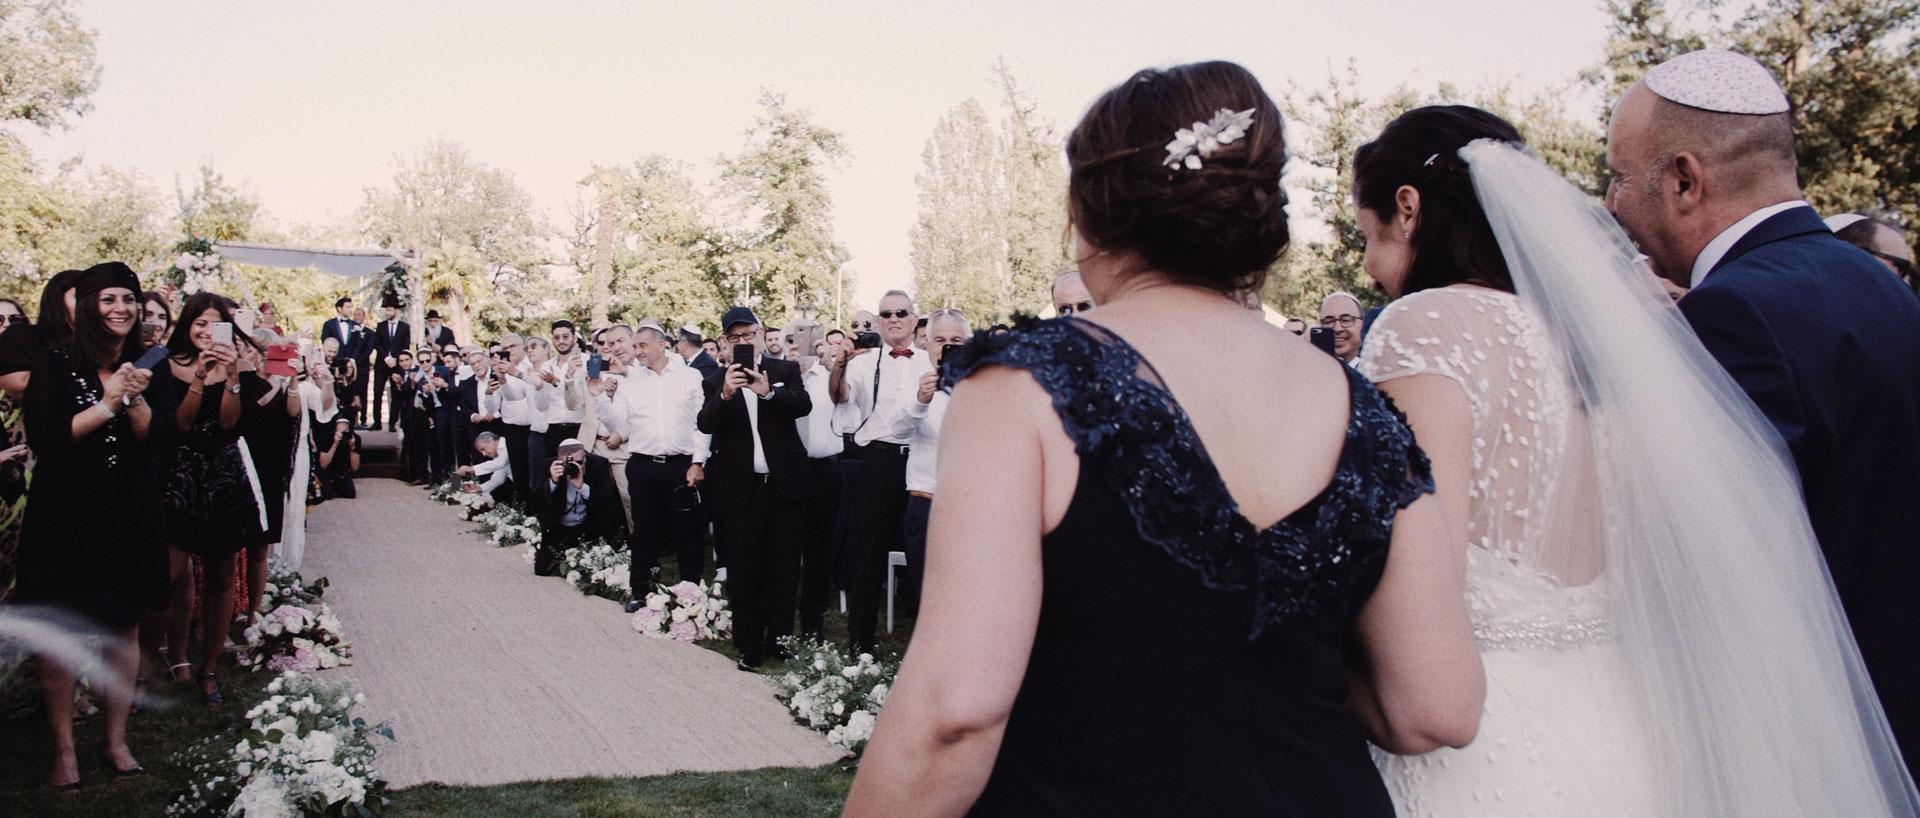 Laurie-&-Kevin---Wedding-Film.00_01_41_15.jpg